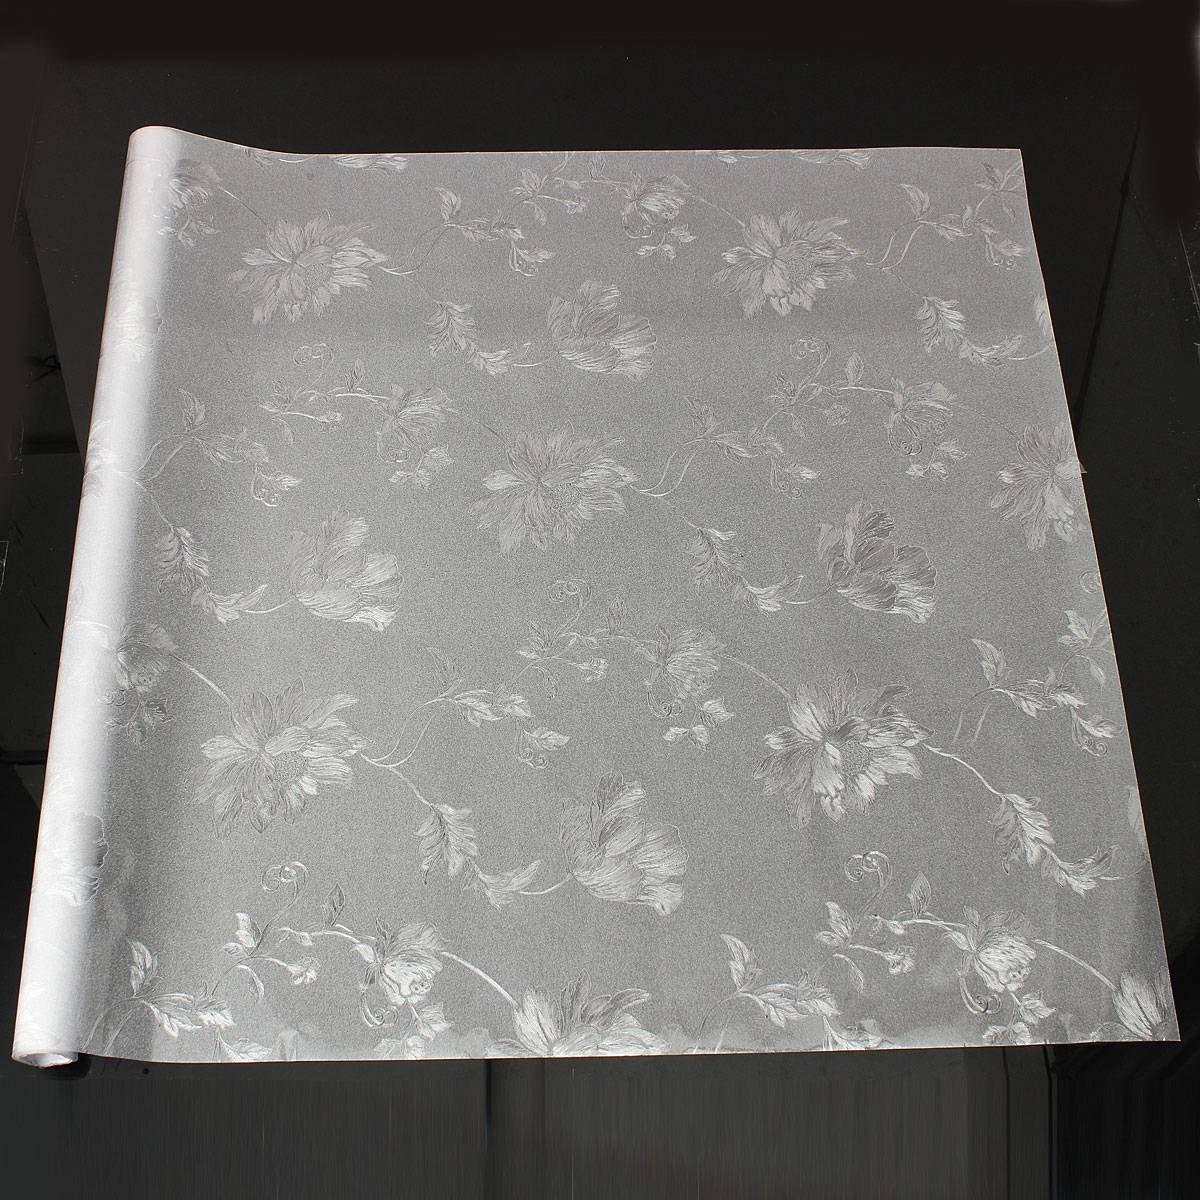 Autocollant De Verre Autocollant Artistique Fleur Hibiscus 3D Opaque Matte Pour Vitre Fenetre Bain Cuisine 60x100cm KING DO WAY